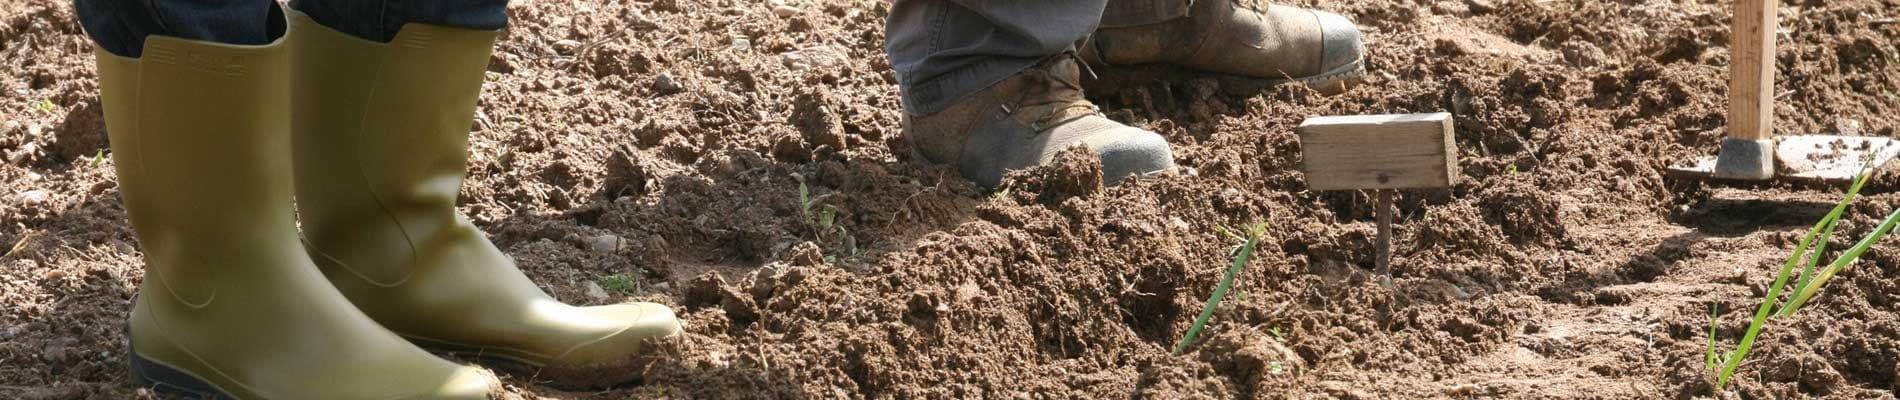 Treballs, explotacions i indústries forestals